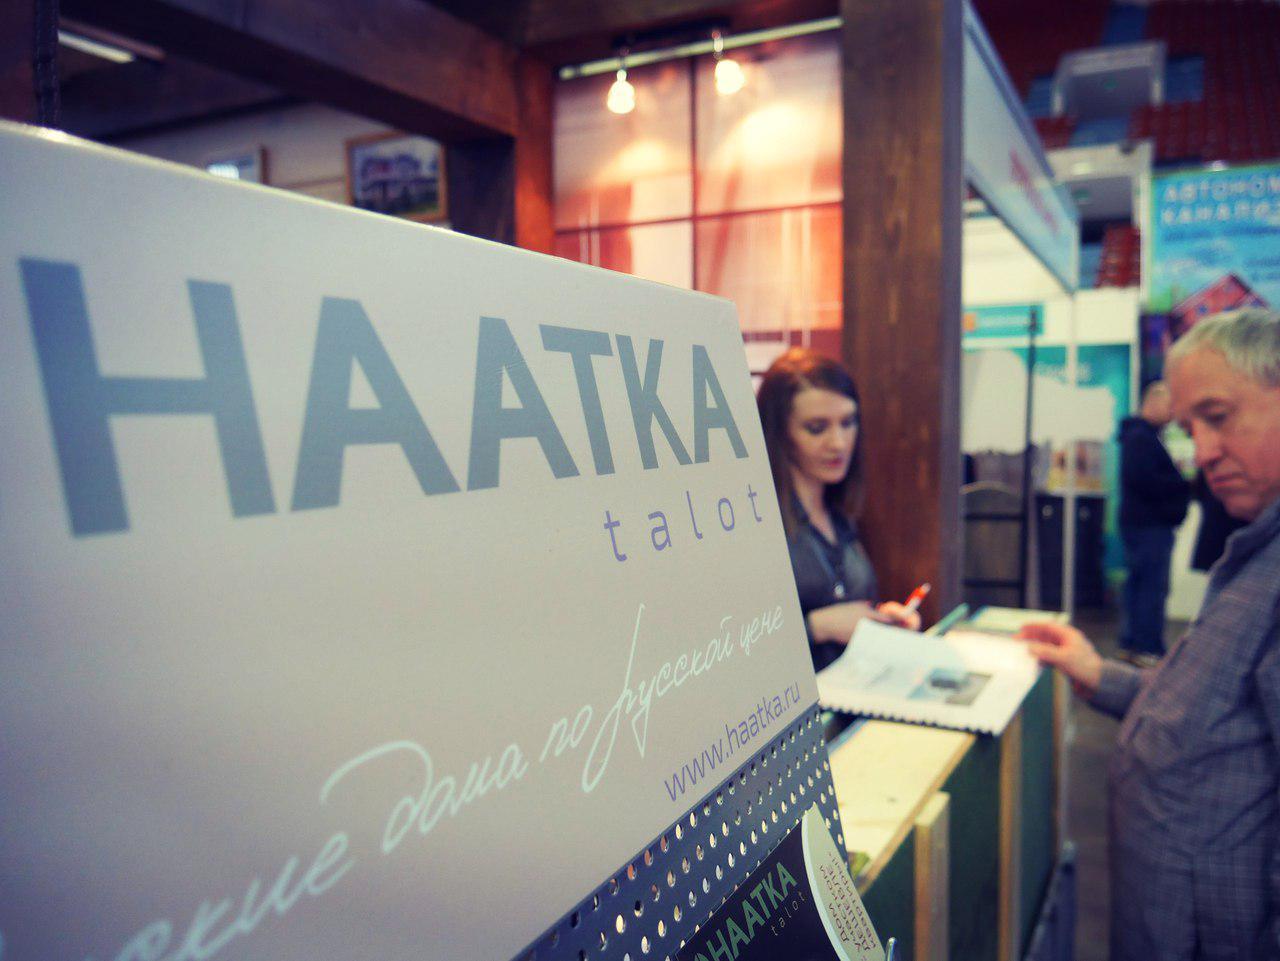 Строительная компания HAATKA talot (Хаатка)